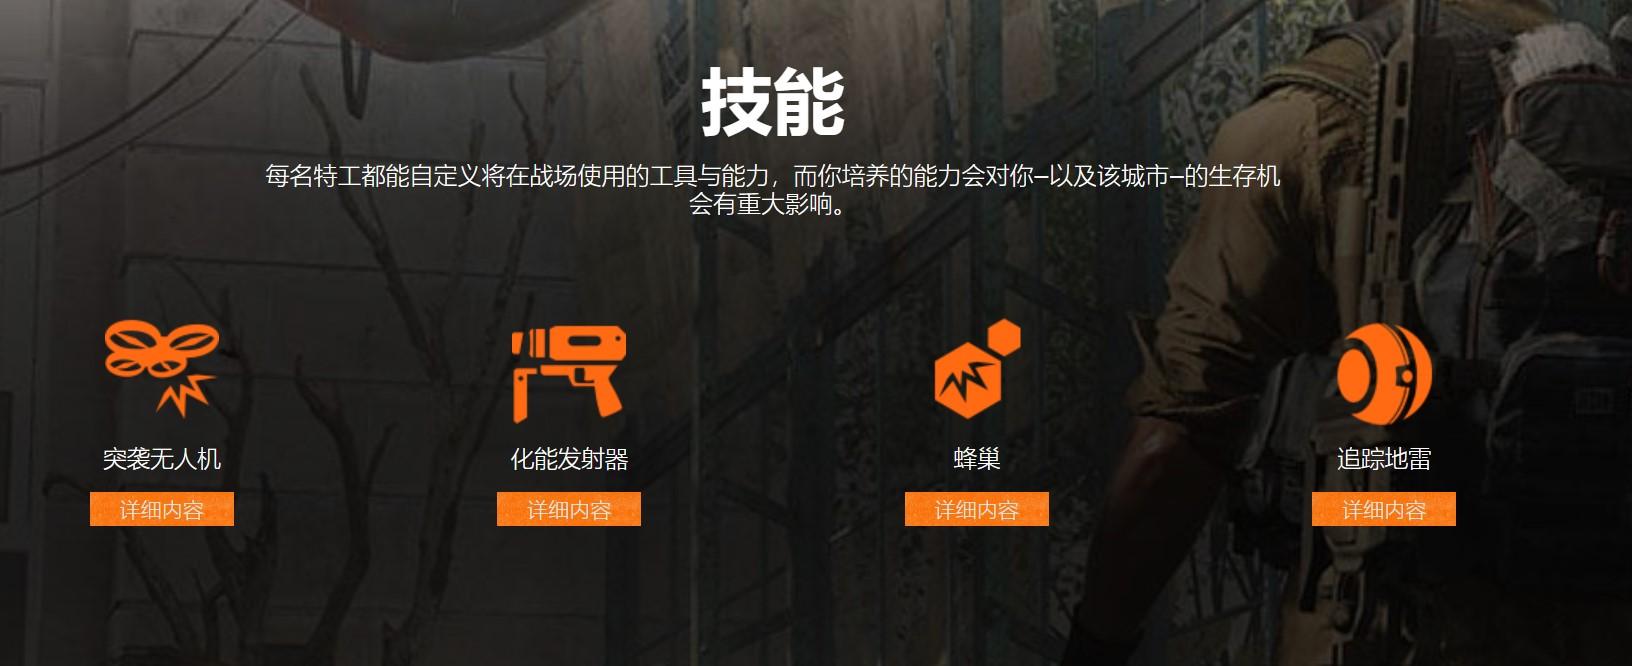 《全境封锁2》20分钟演示 展示游戏的合作玩法